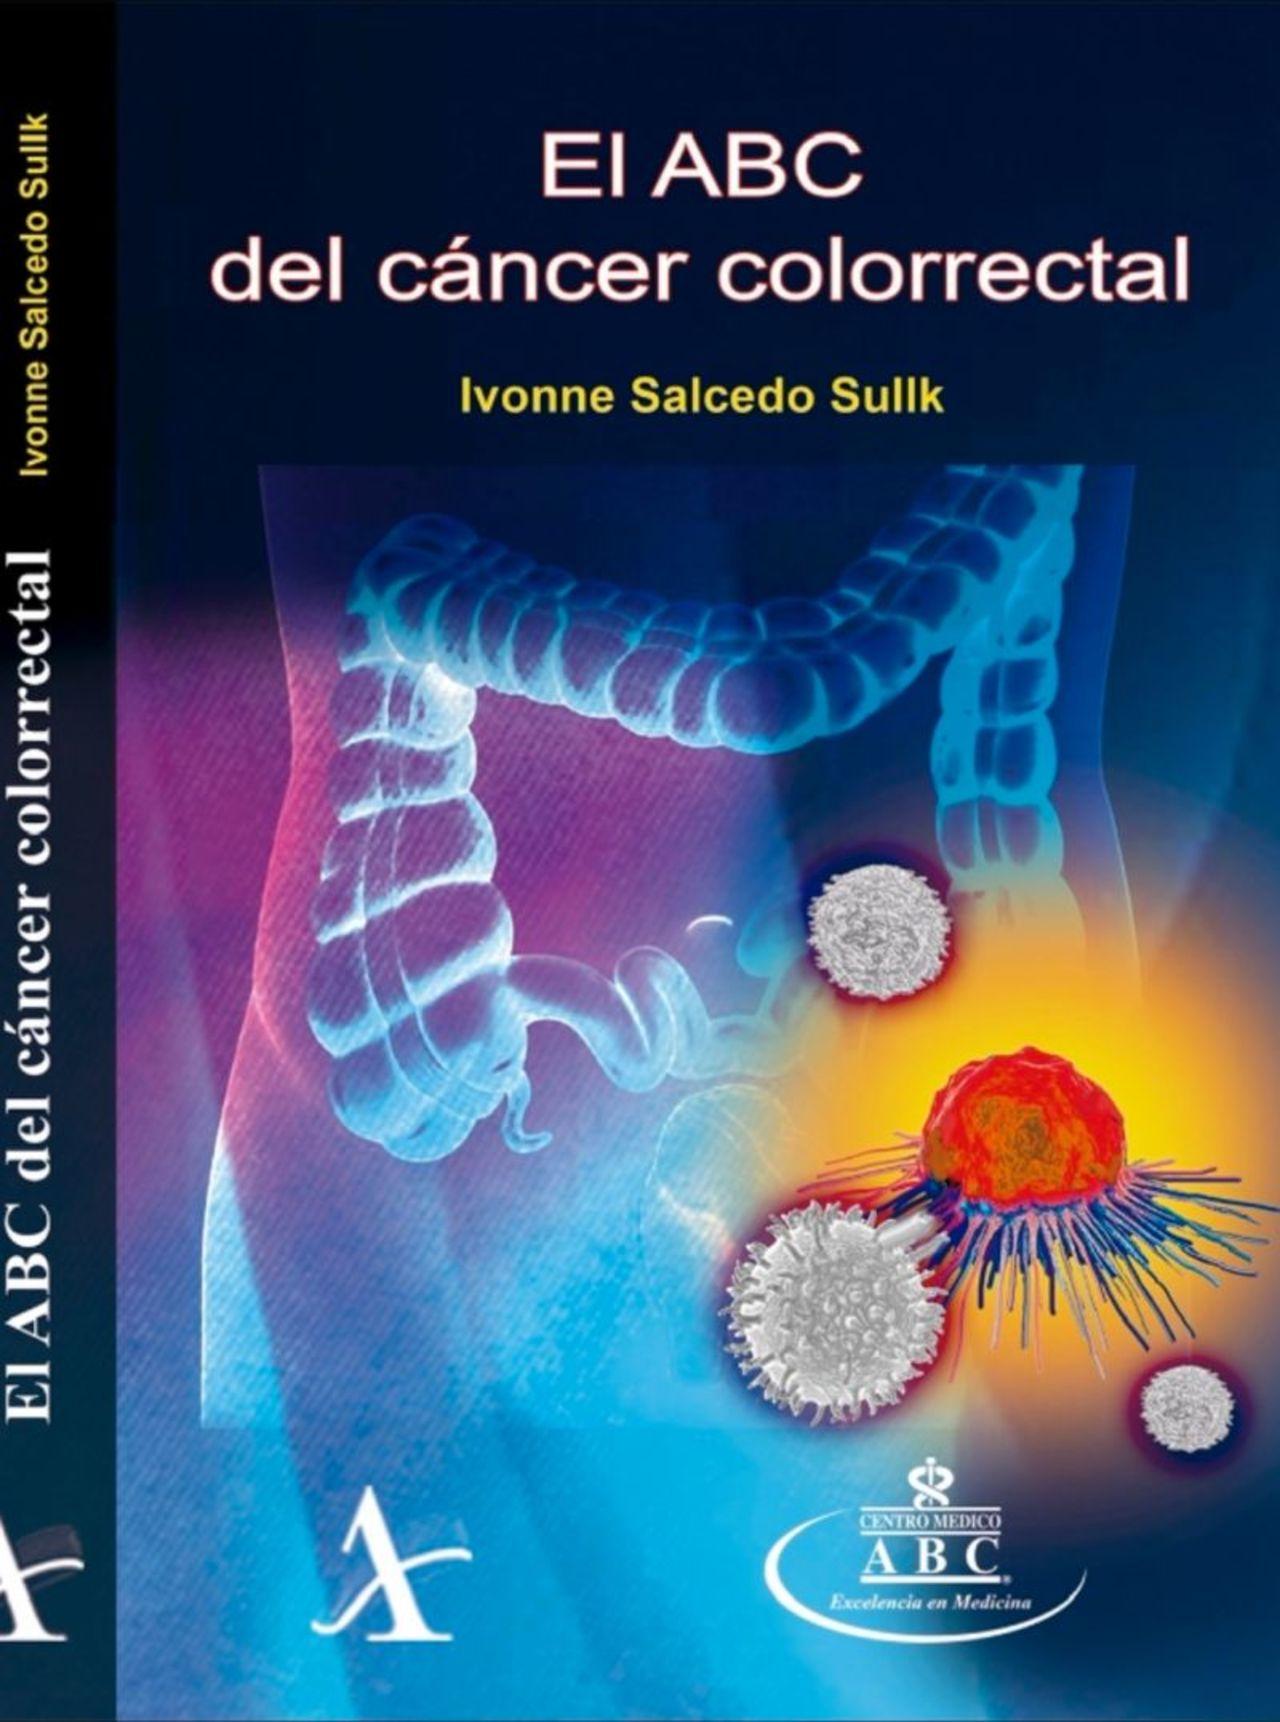 'El ABC del cáncer colorrectal'